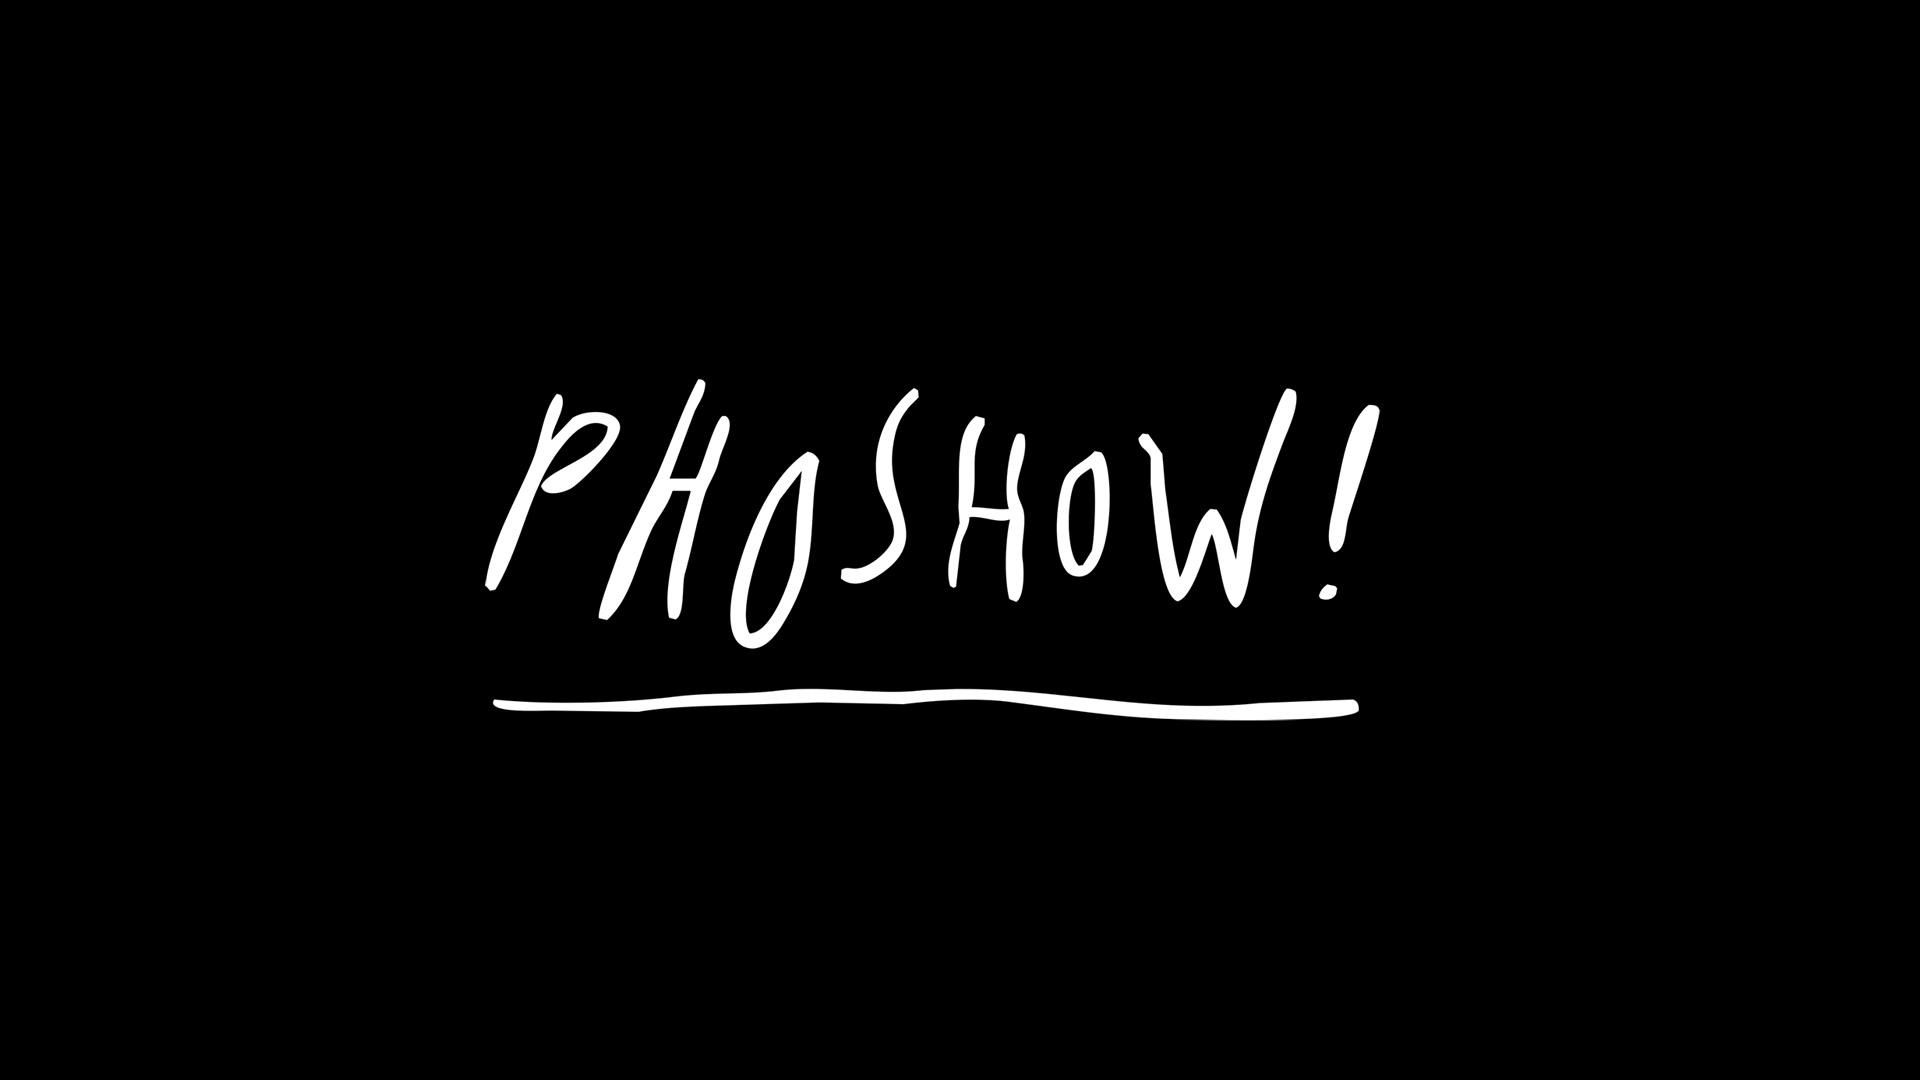 PHOSHOW